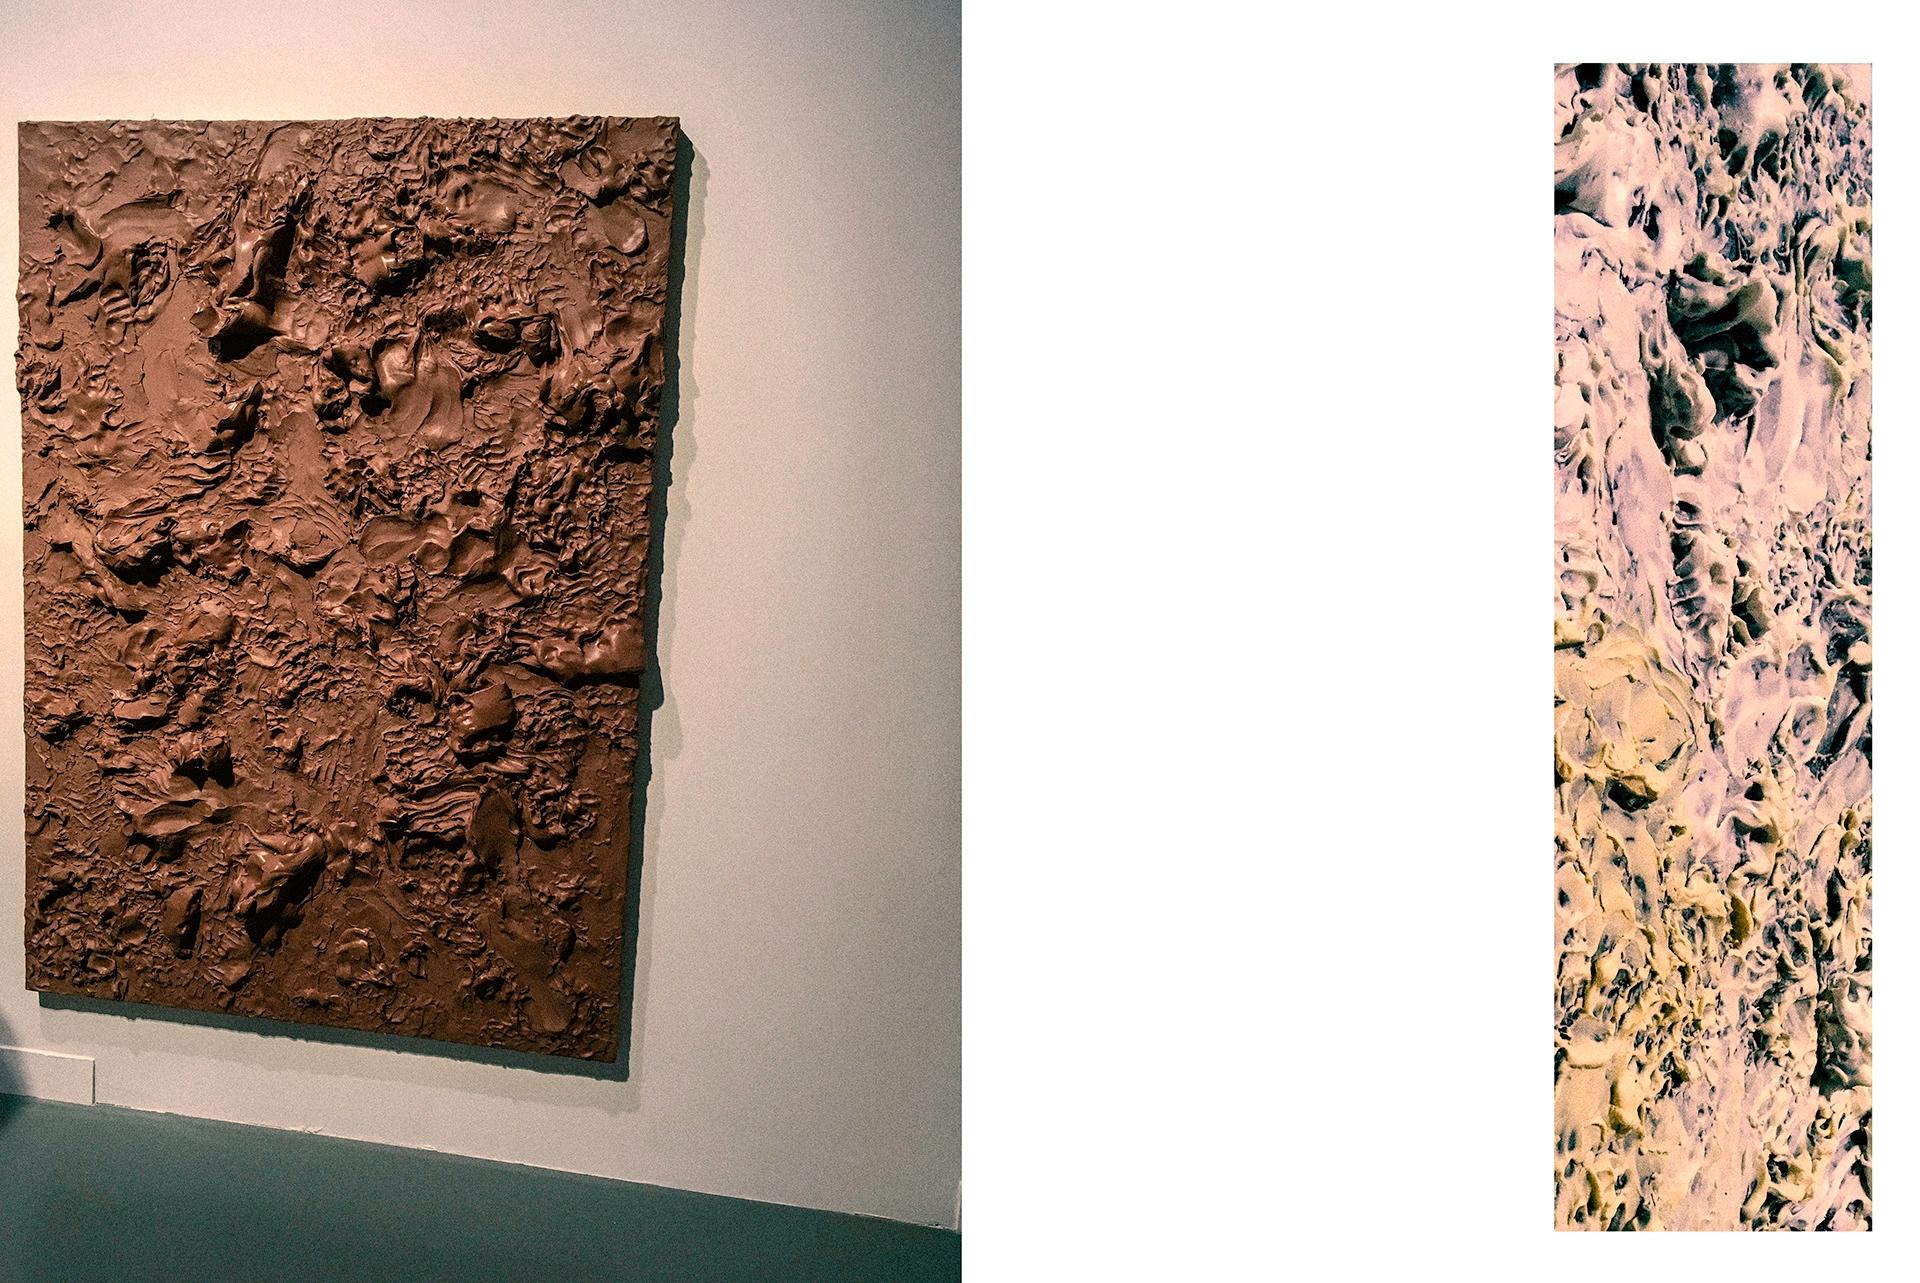 Zdjęcie przedstawia brązowy obraz i fragment obrazu po prawej stronie.